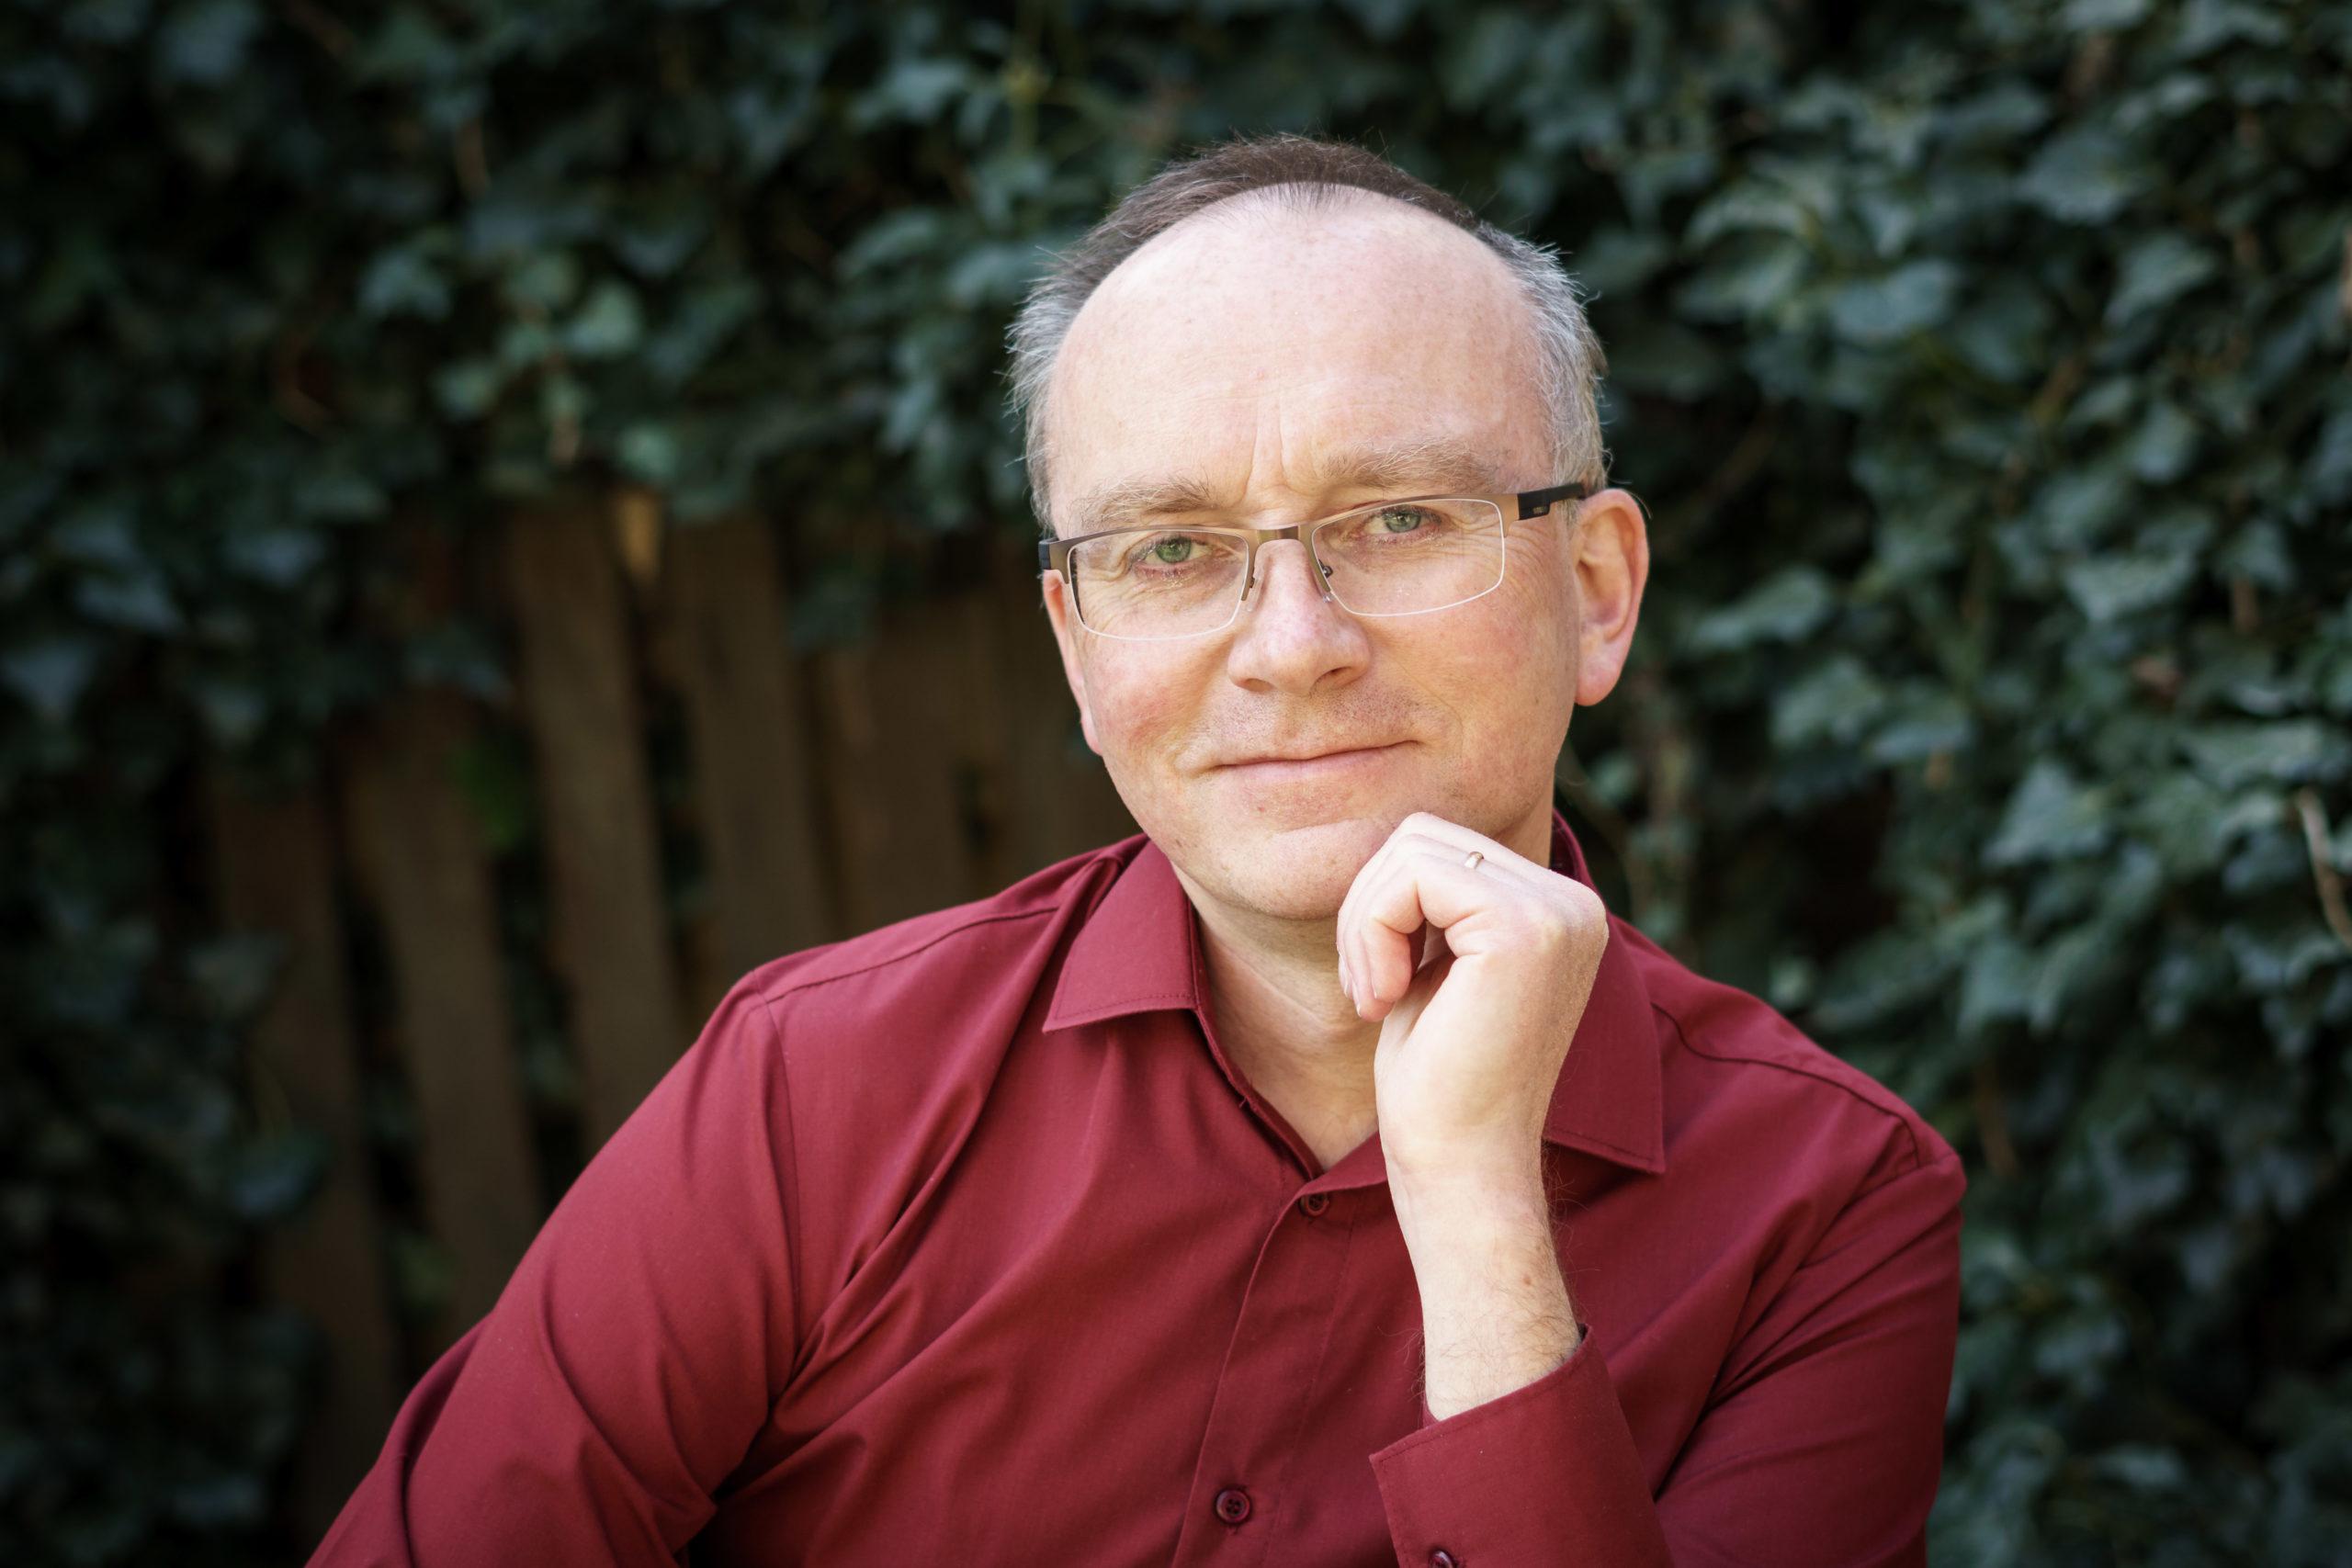 Szymon Grzelak – dr psychologii, założyciel i prezes Instytutu Profilaktyki Zintegrowanej oraz European Institute for Integrated Prevention,